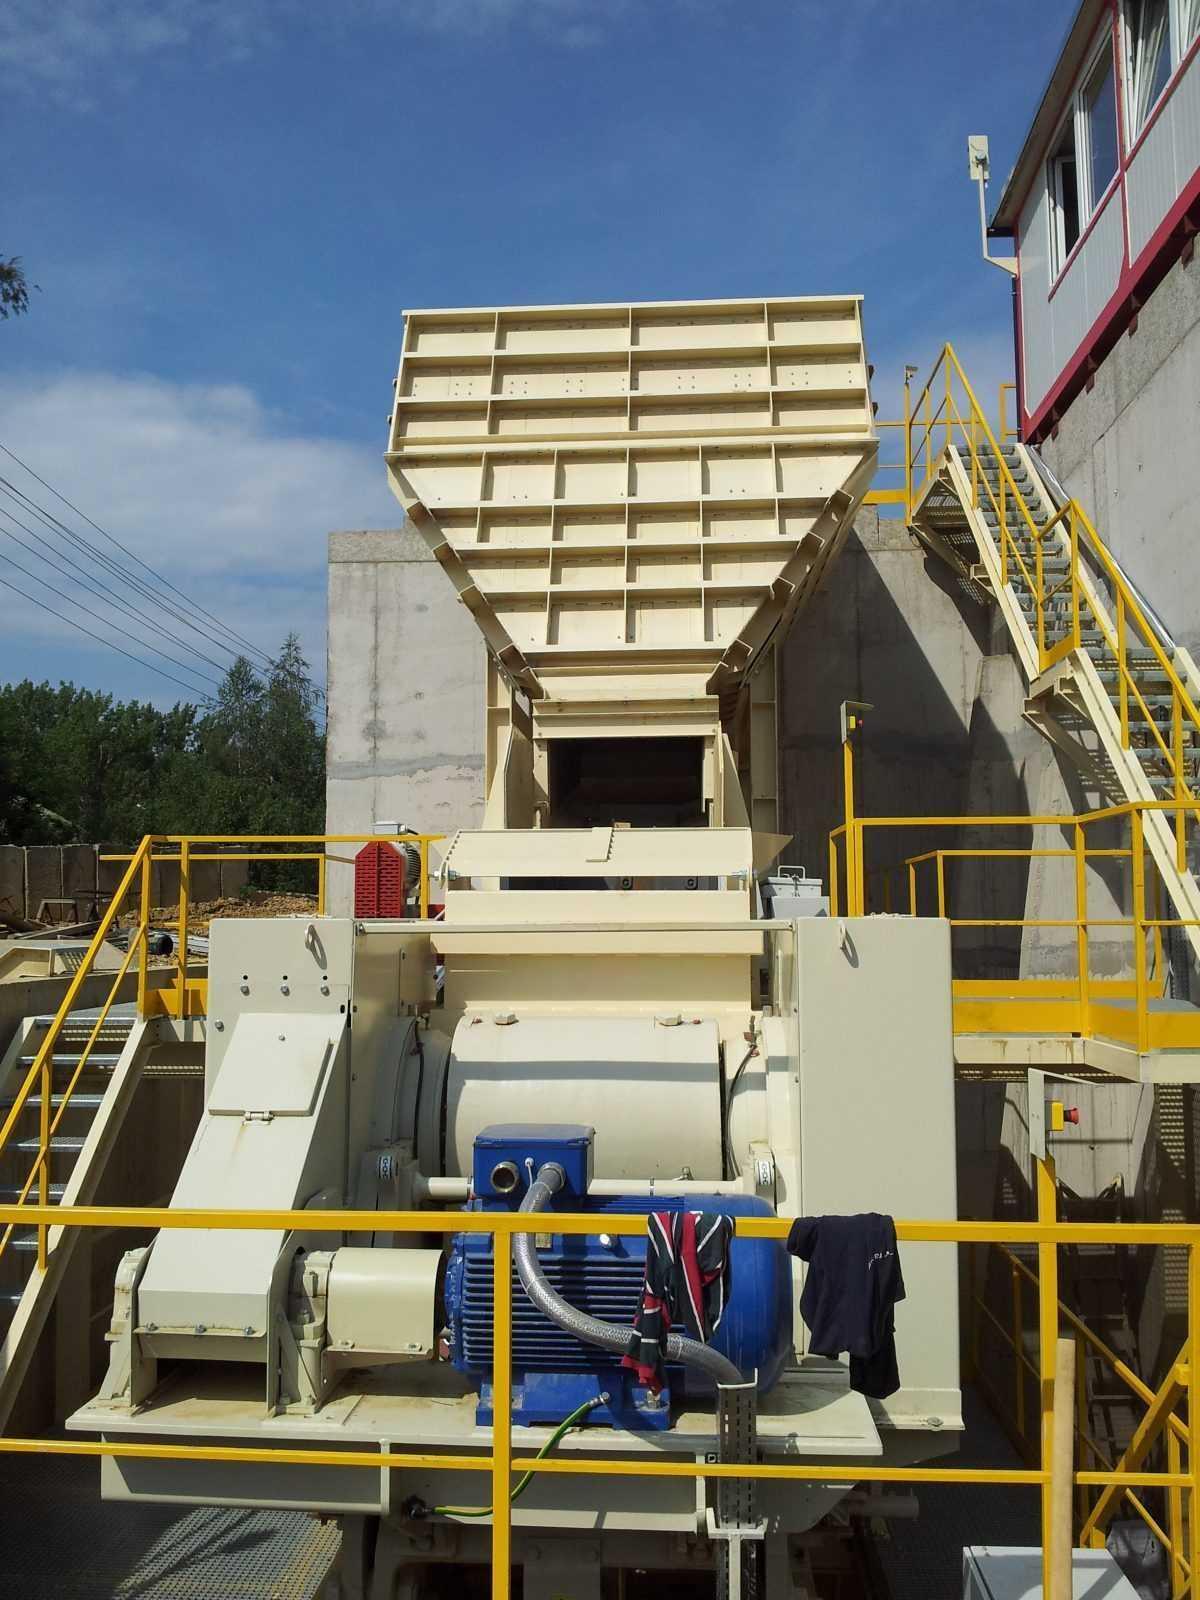 fullmet-construction-silos-5